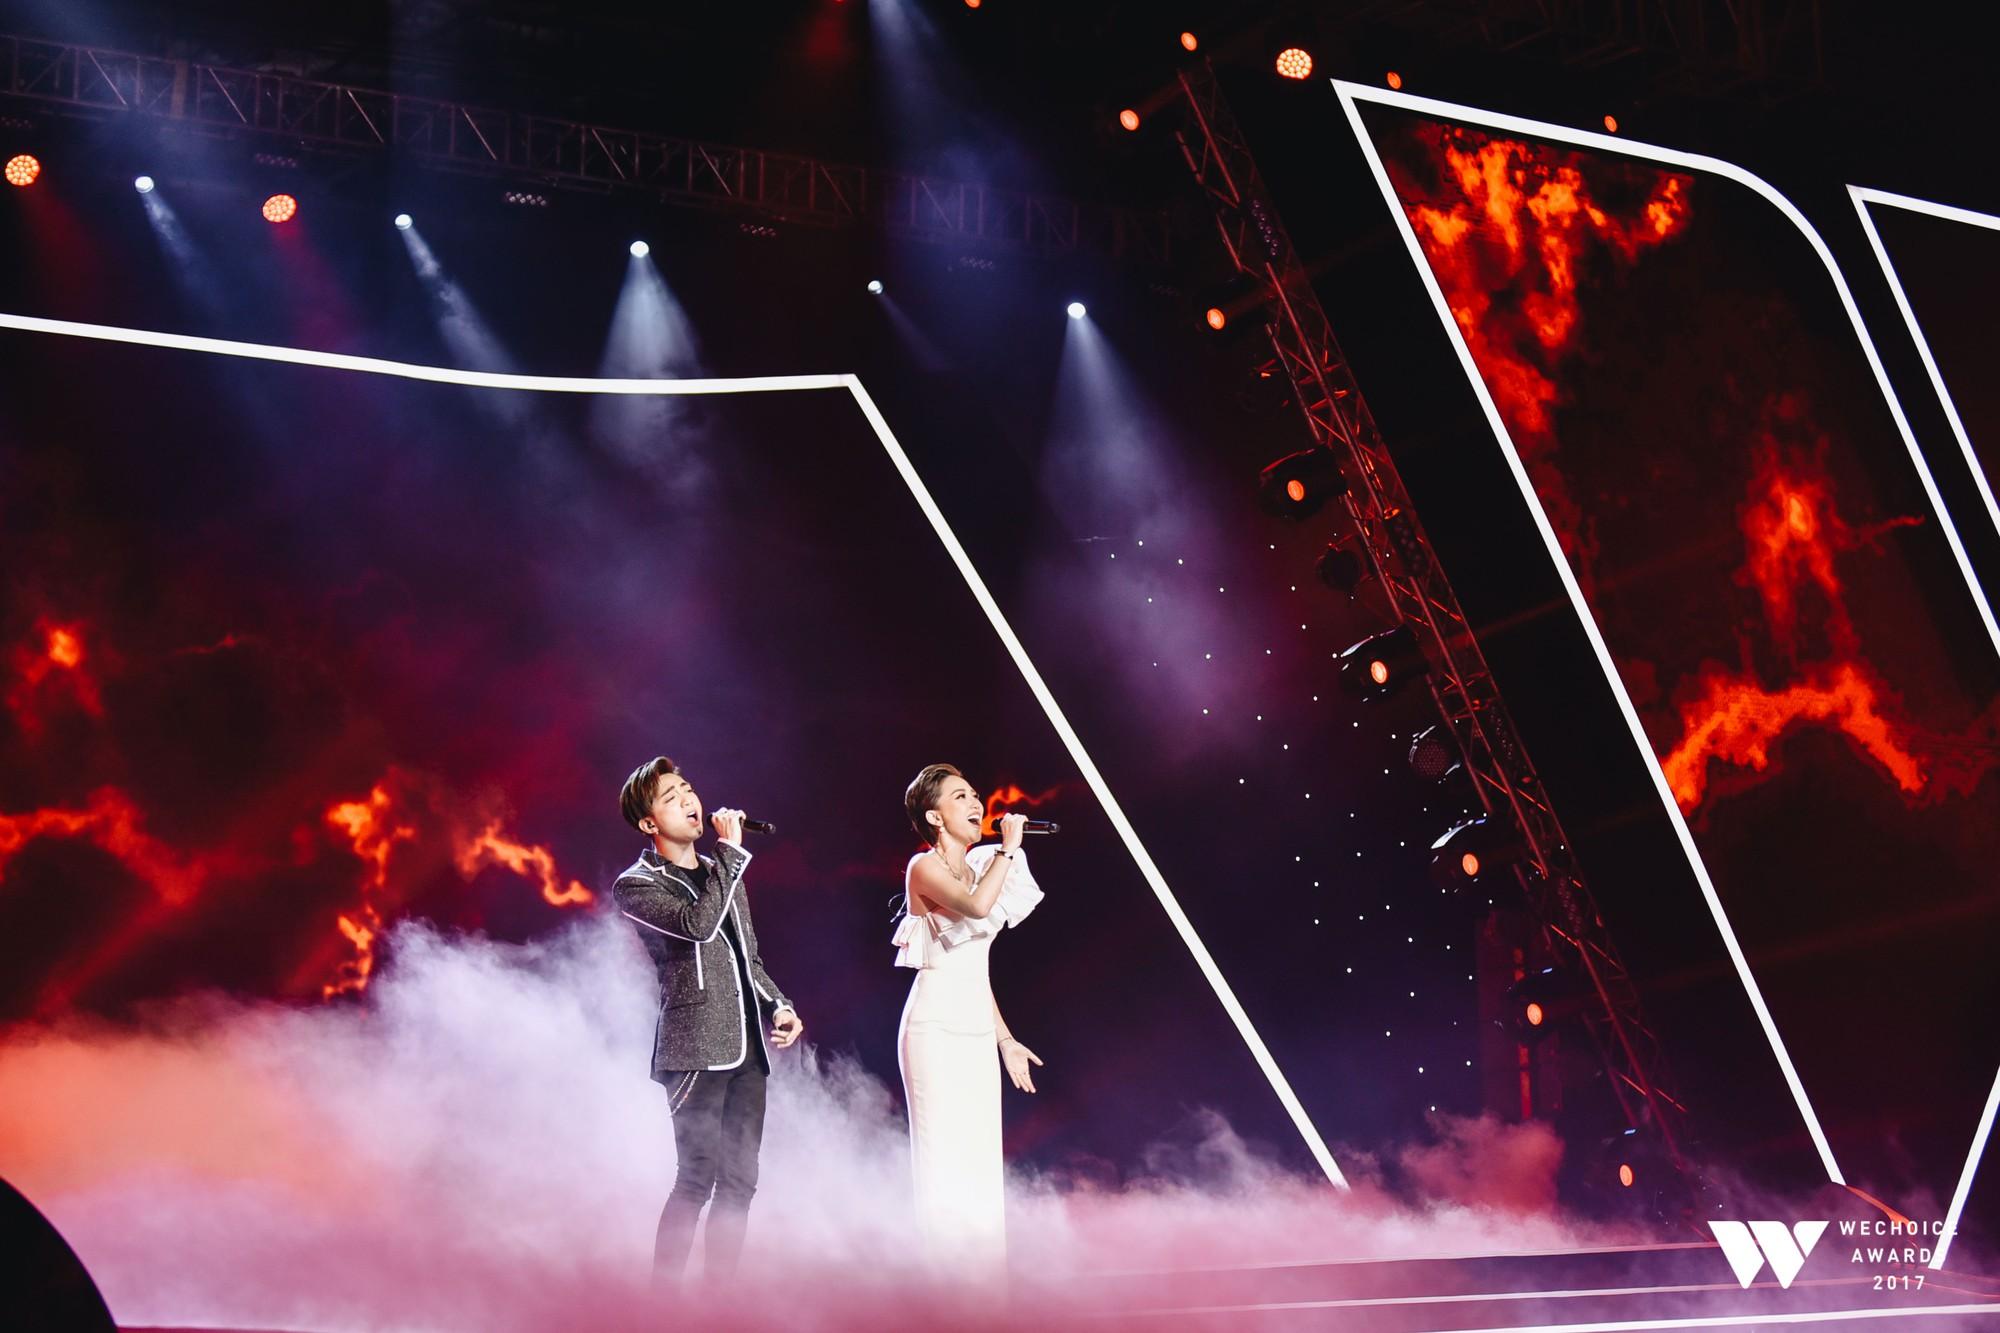 Khoảnh khắc WeChoice Awards: Đẹp nhất là khi Sơn Tùng, bé Bôm và các nghệ sĩ Việt cùng chậm lại trong dòng cảm xúc vỡ òa - Ảnh 12.